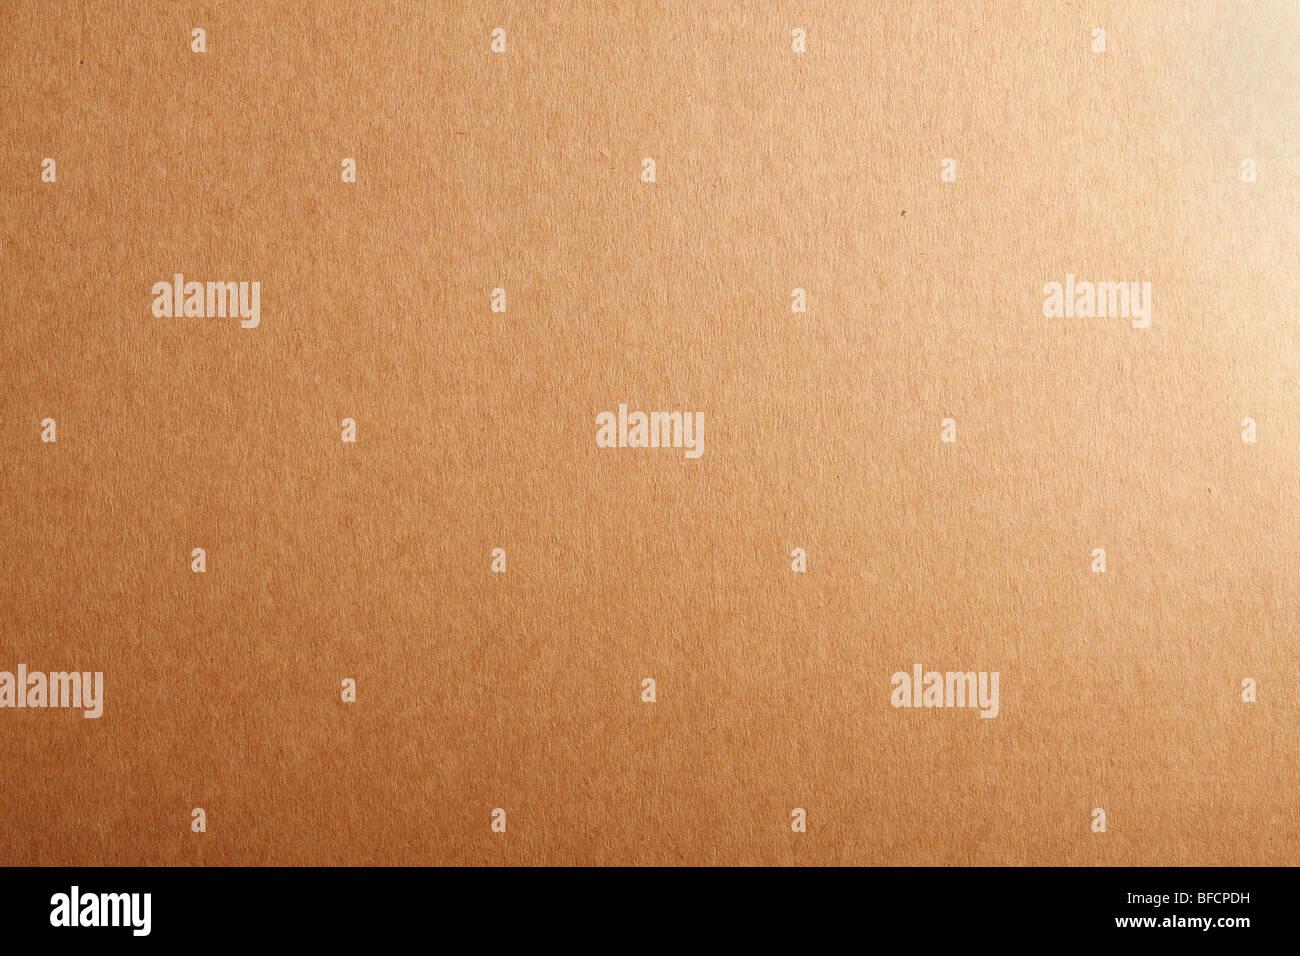 Fustellato di cartone beige textured background. Foto Stock